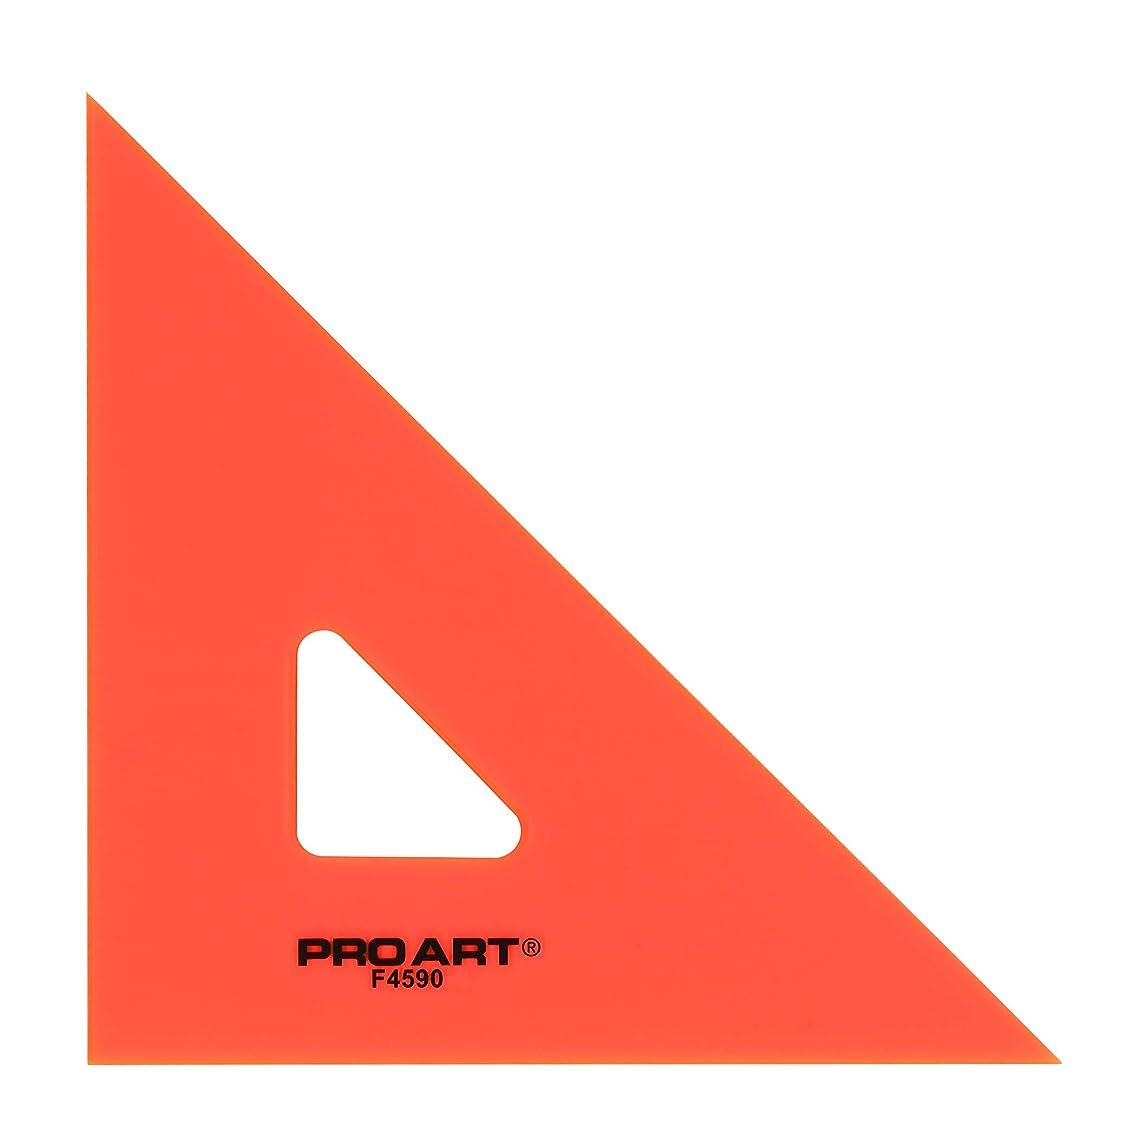 PRO ART 6-Inch 45/90-Degree Triangle, Fluorescent